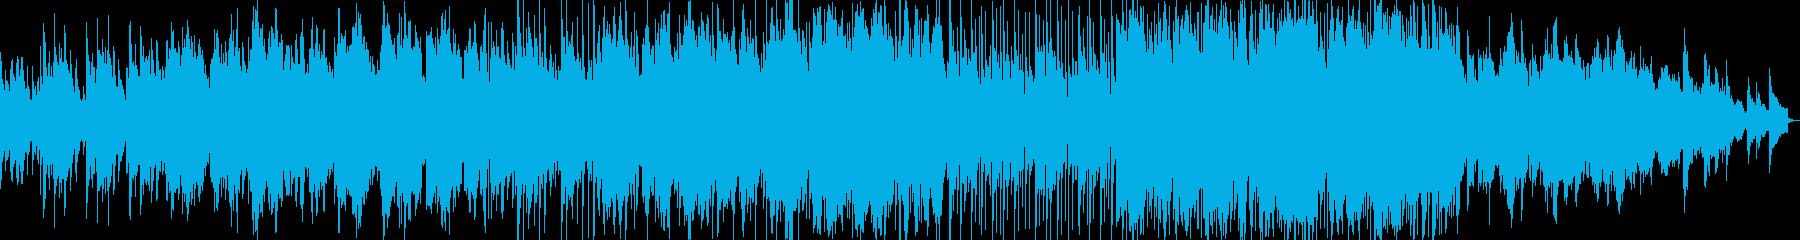 ピアノと二胡による中国古曲BGMの再生済みの波形